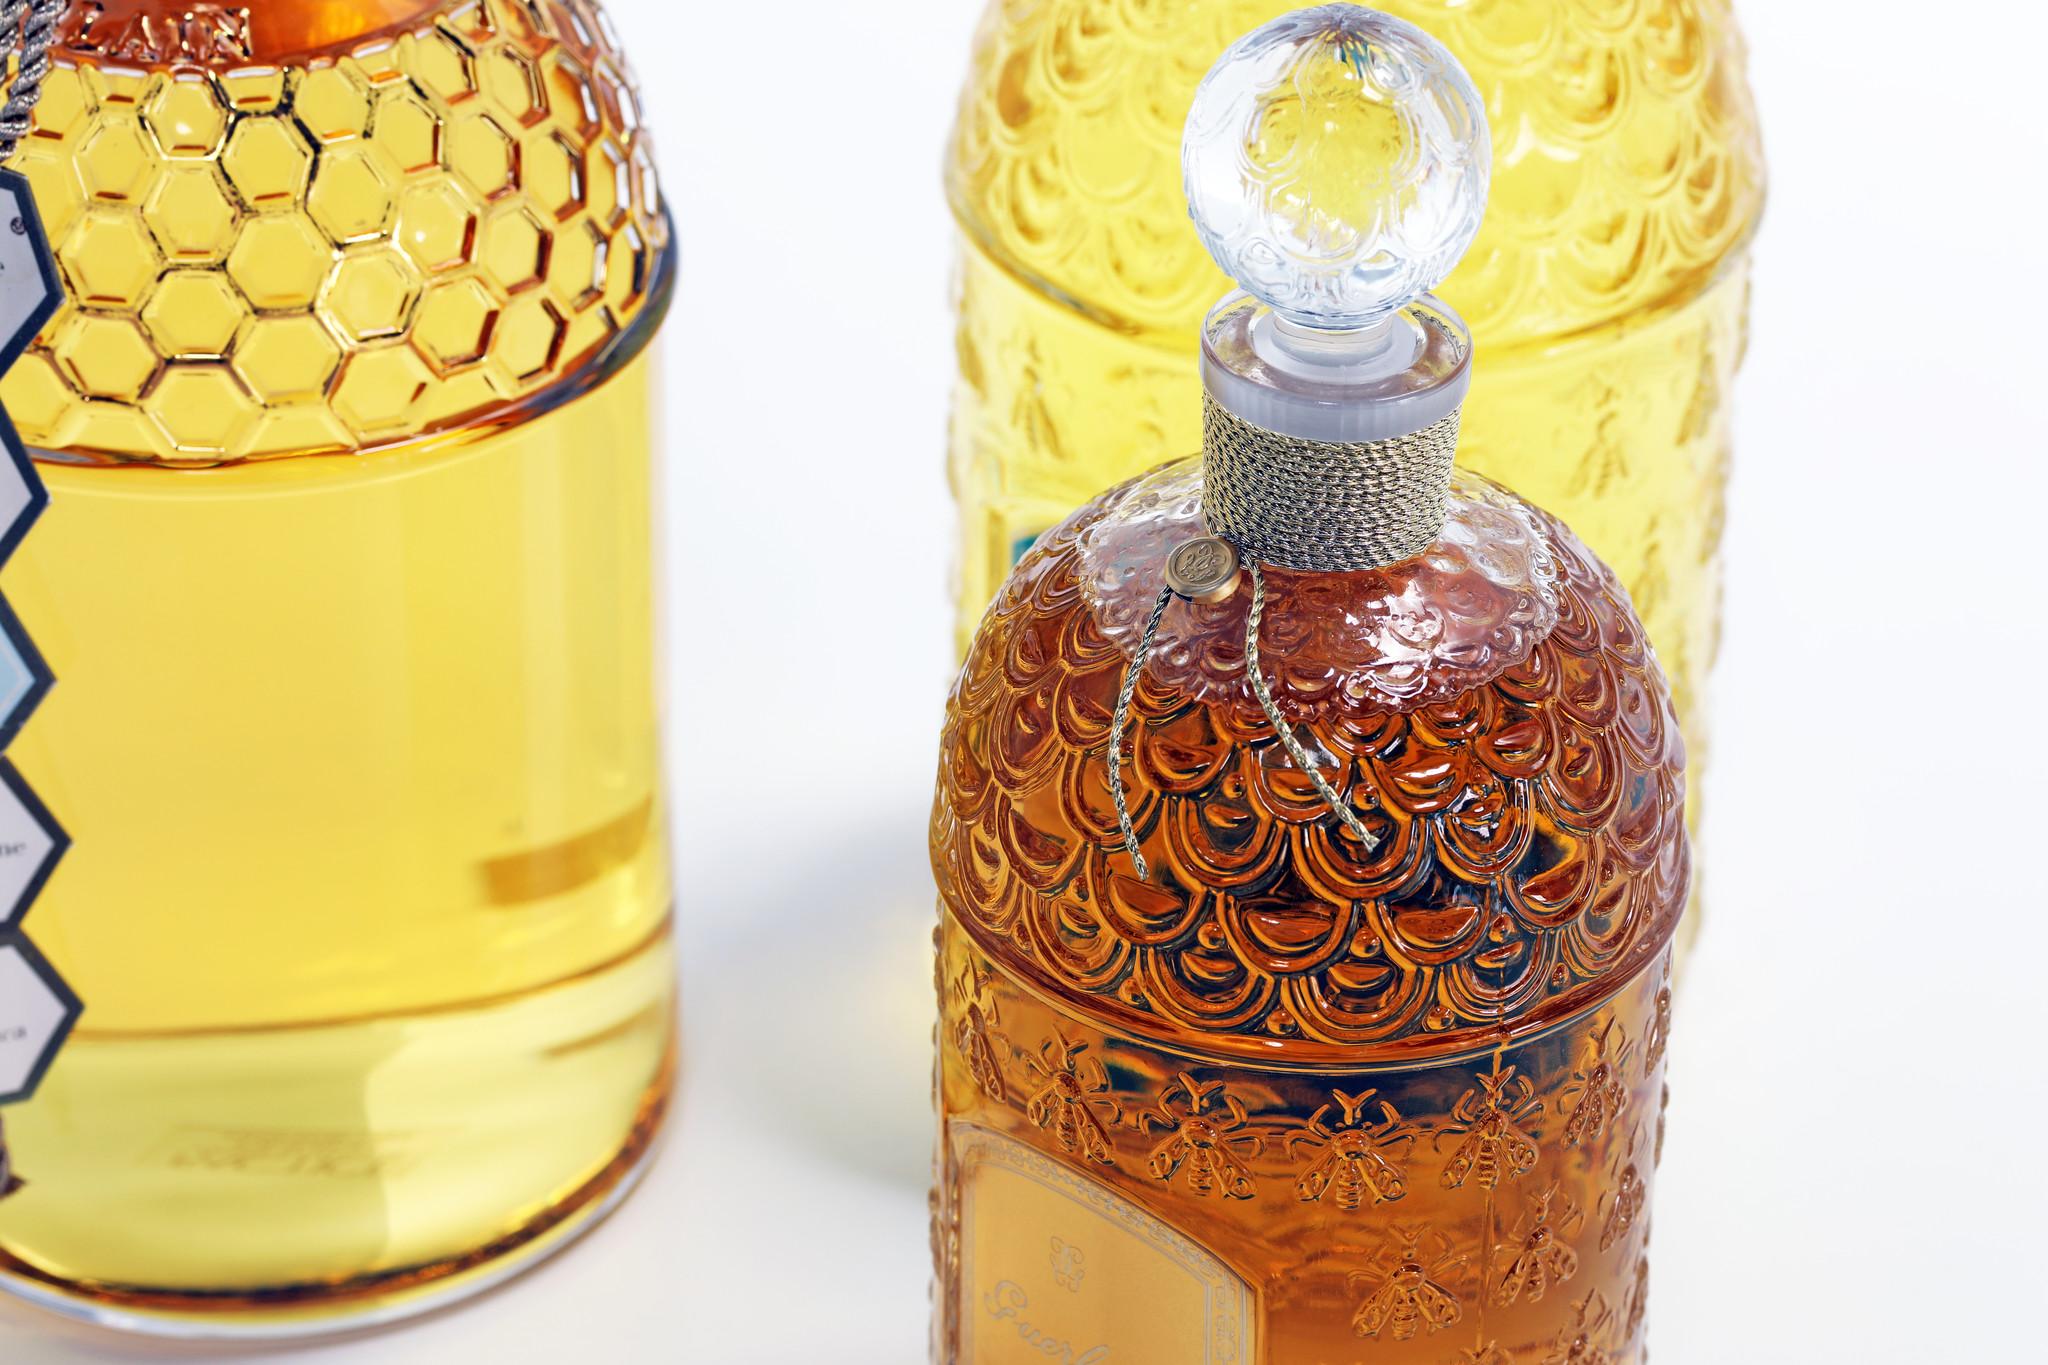 Set of large Guerlain perfume bottles